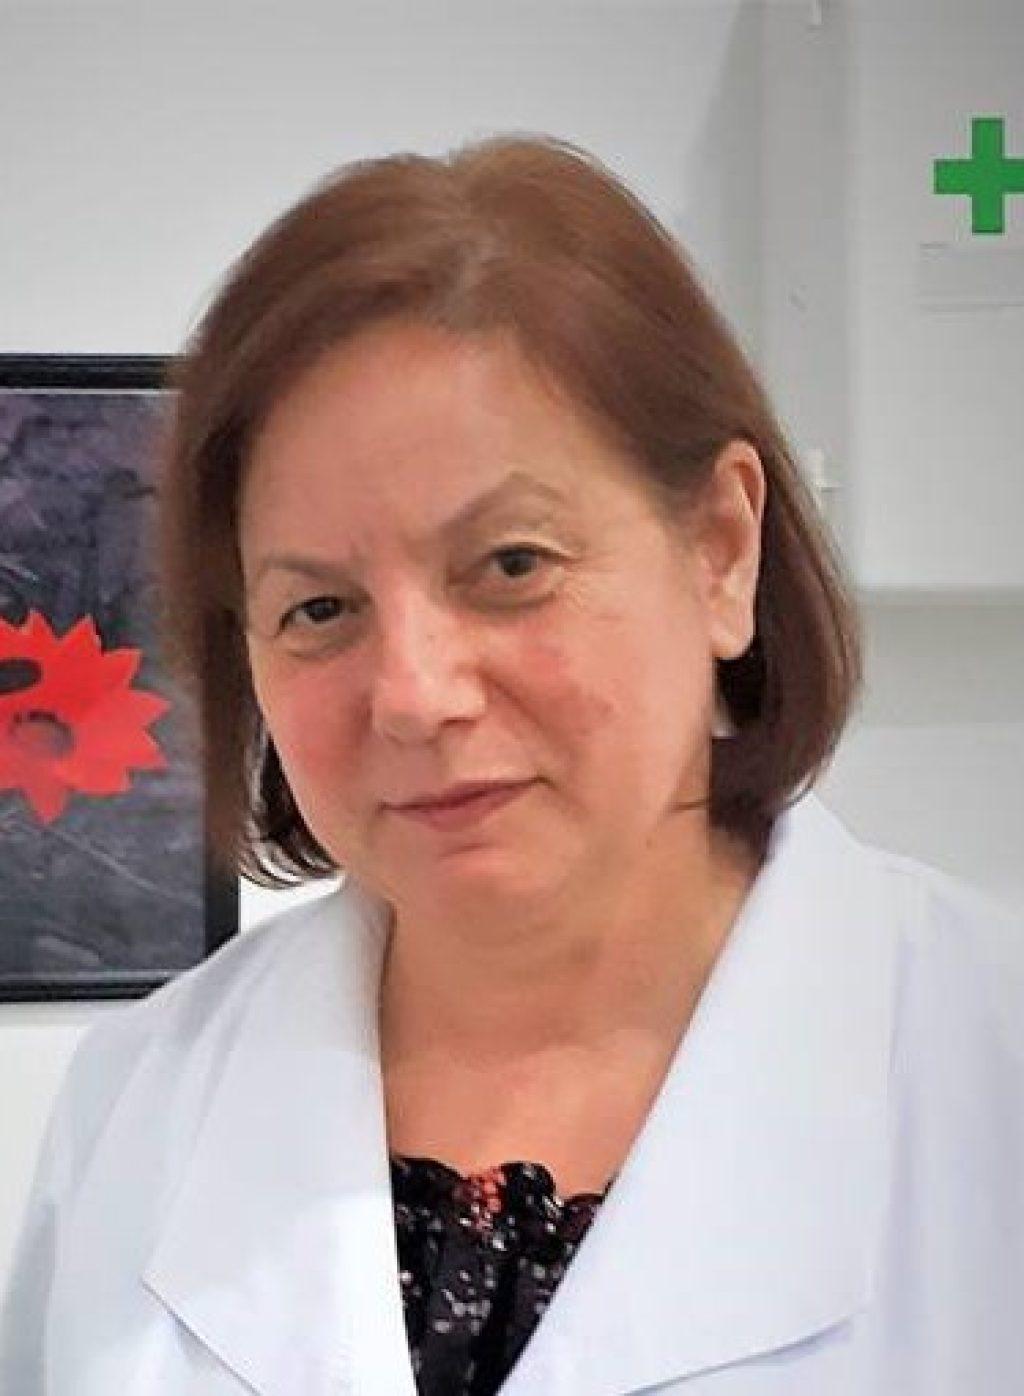 Reumatolog Lia  Iachim.jpg